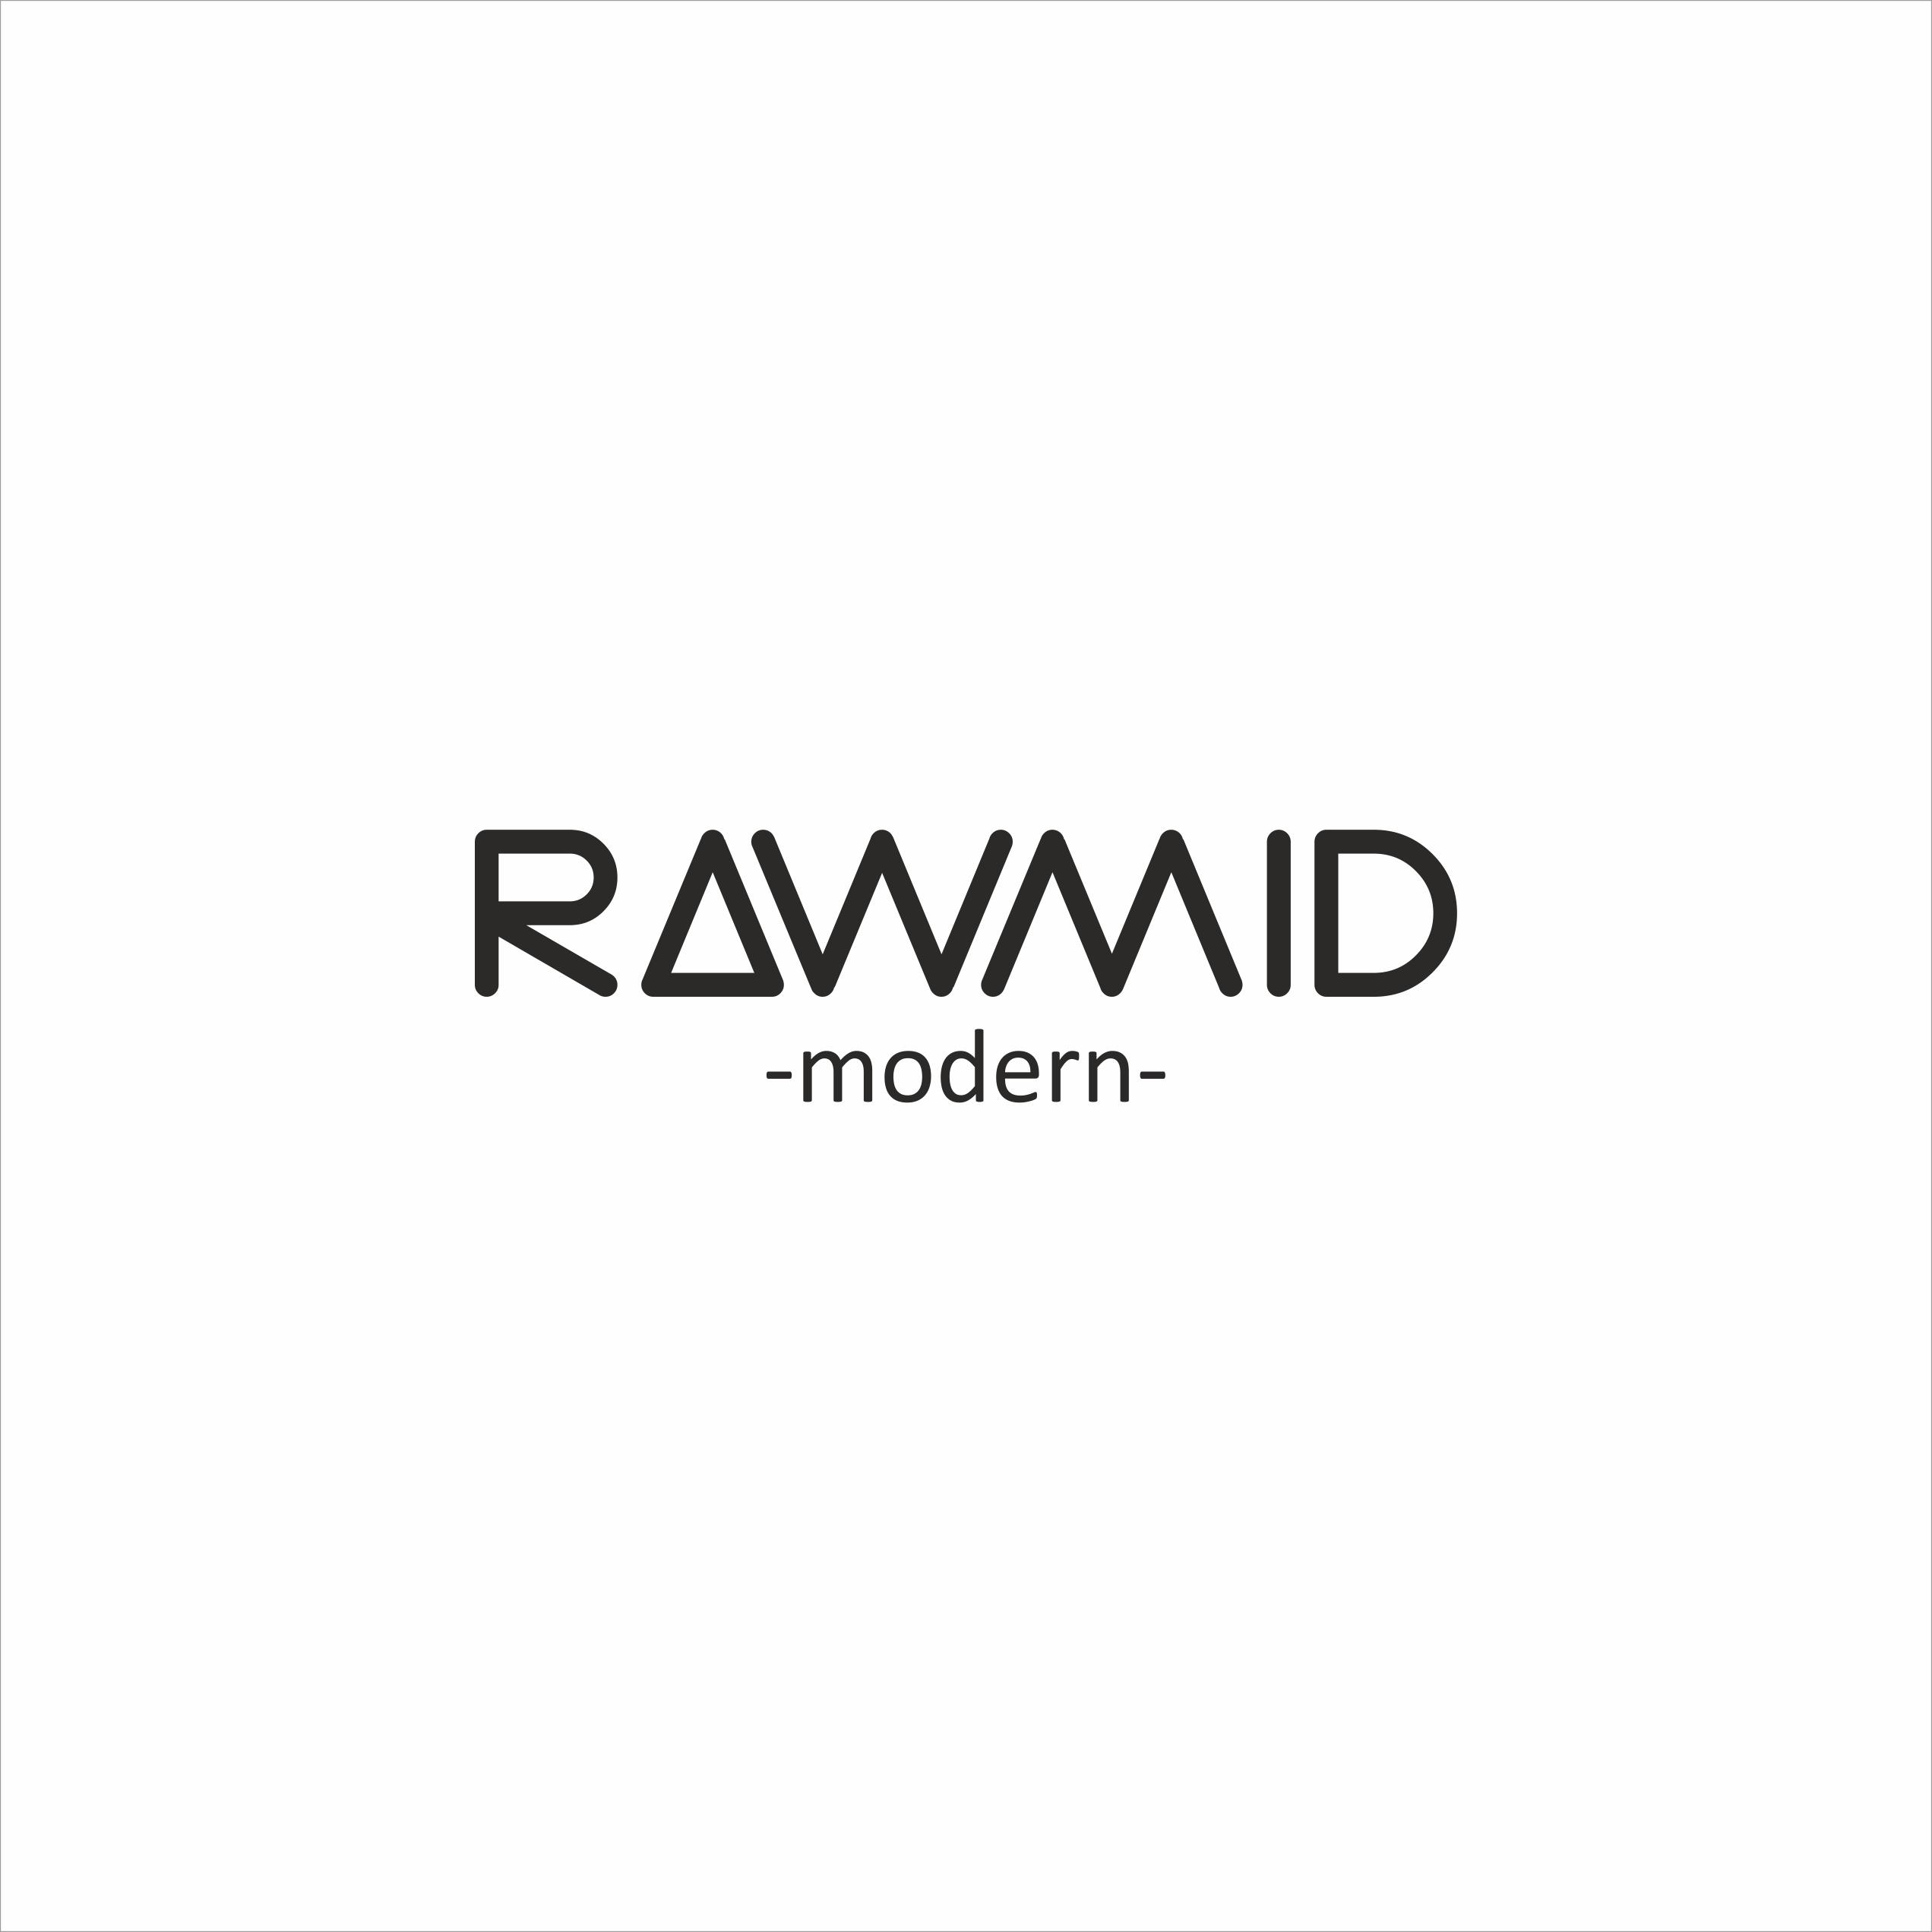 Создать логотип (буквенная часть) для бренда бытовой техники фото f_9845b33f0b056836.jpg